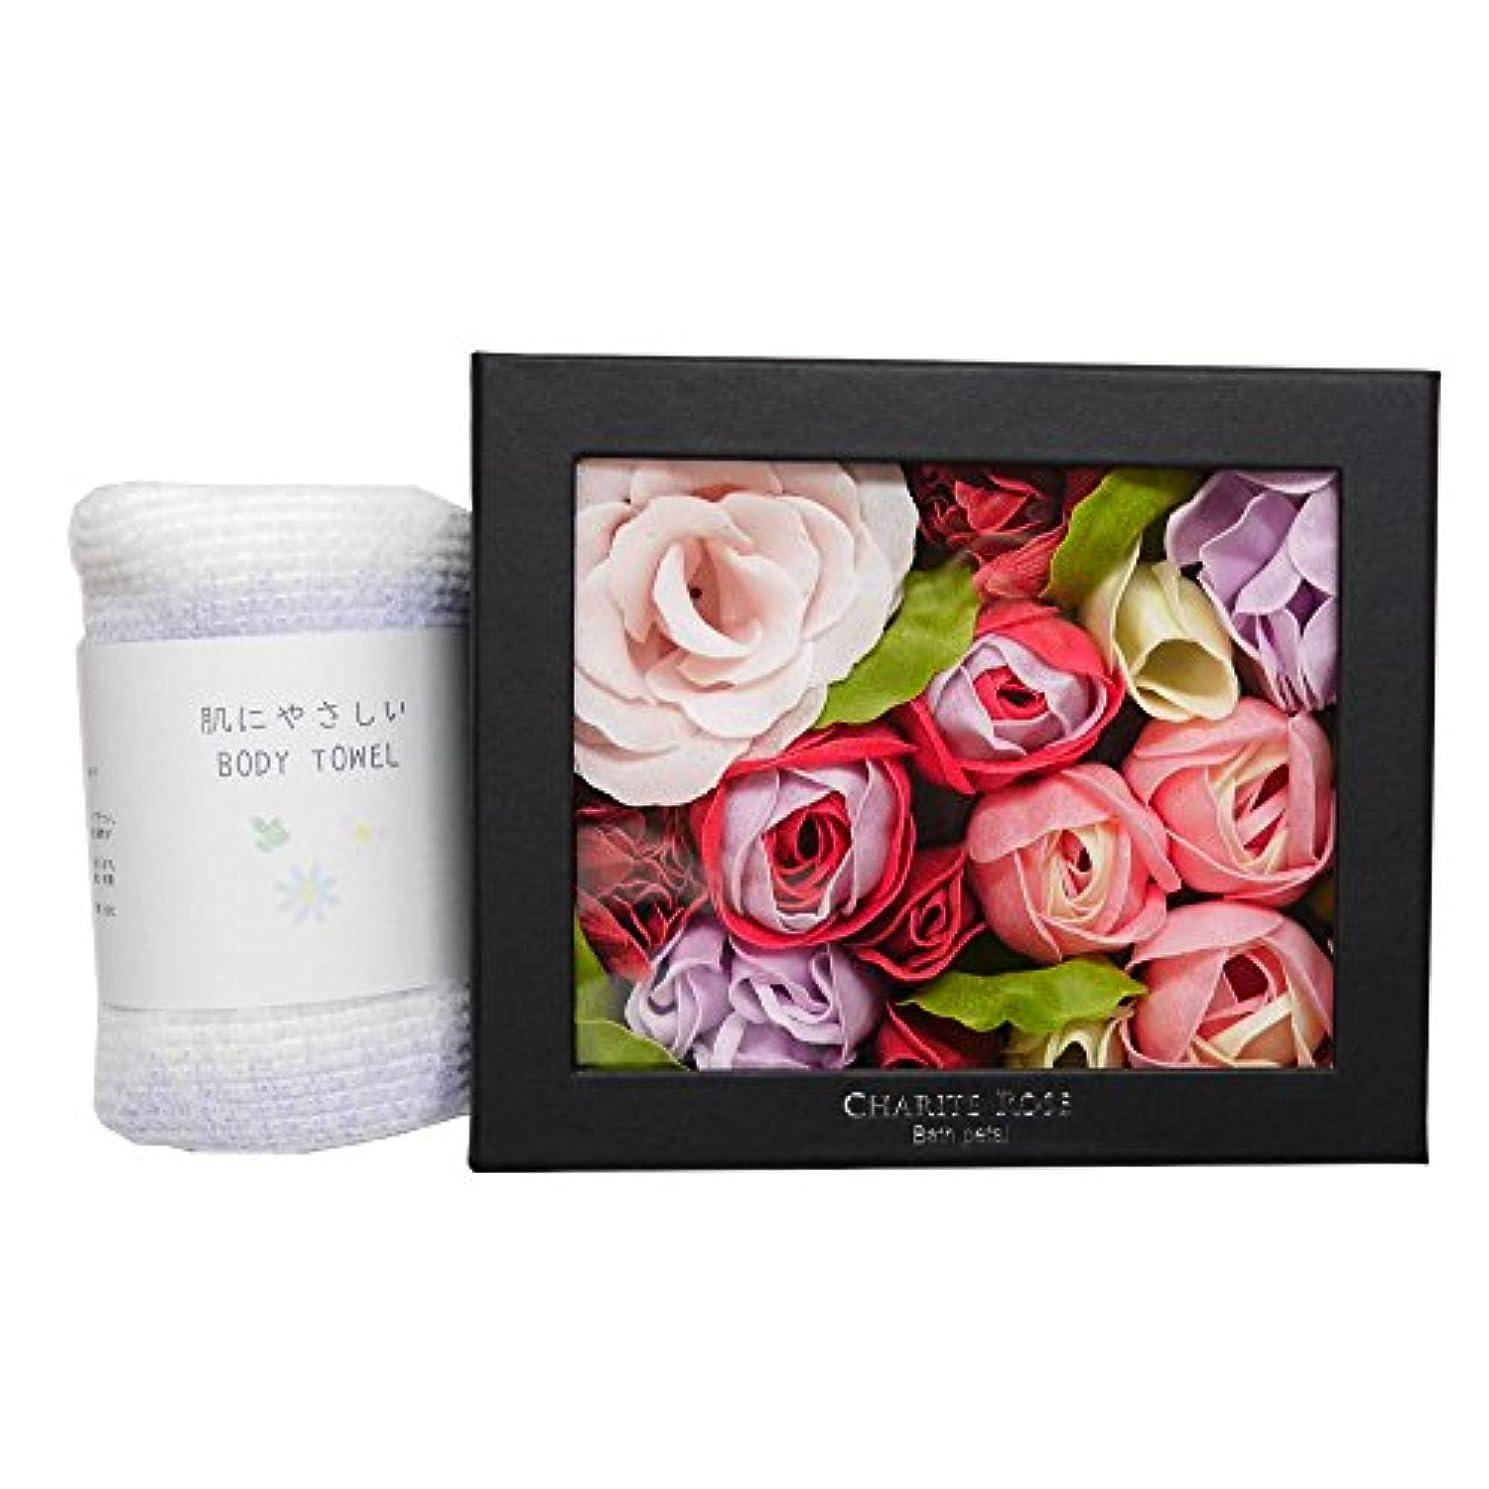 ロバ敏感なフォーマットローズ バスペタル グロスローズ ピンク ボディタオル セット /バラ お花 入浴剤 母の日 お祝い 記念日 贈り物 プレゼント